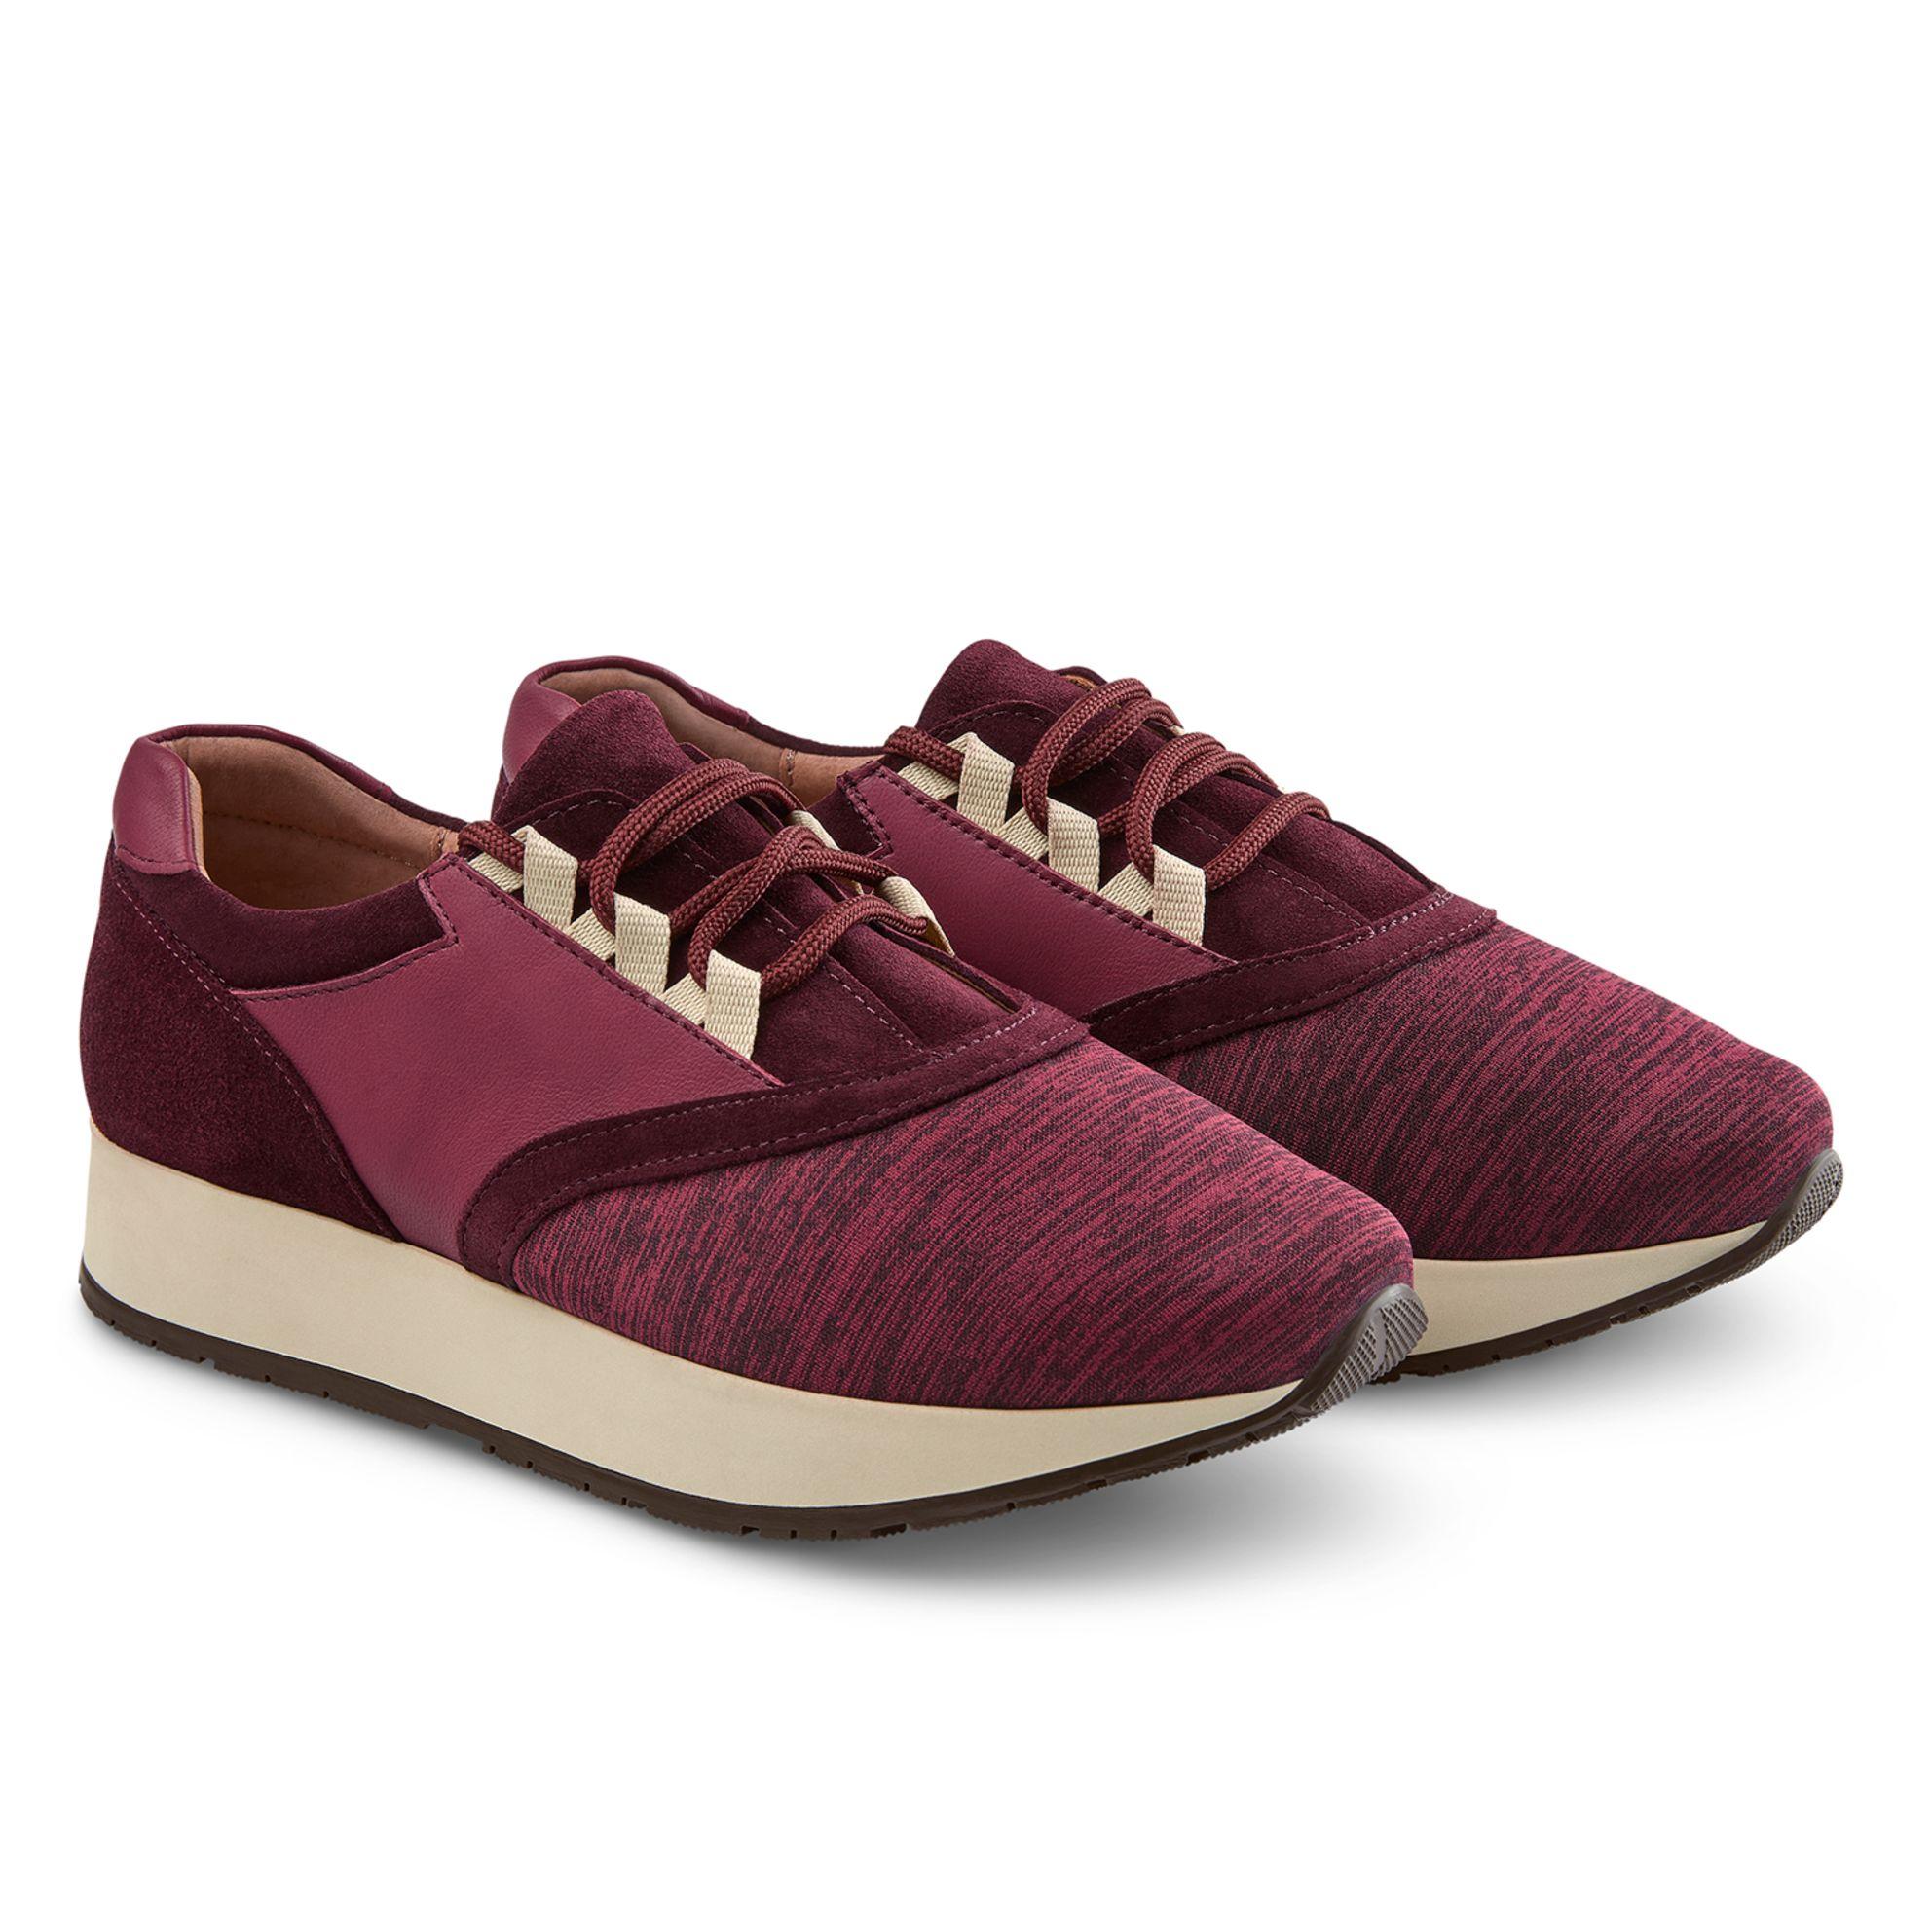 Sneaker Rot Melange – modischer und bequemer Schuh für Hallux valgus und empfindliche Füße von LaShoe.de